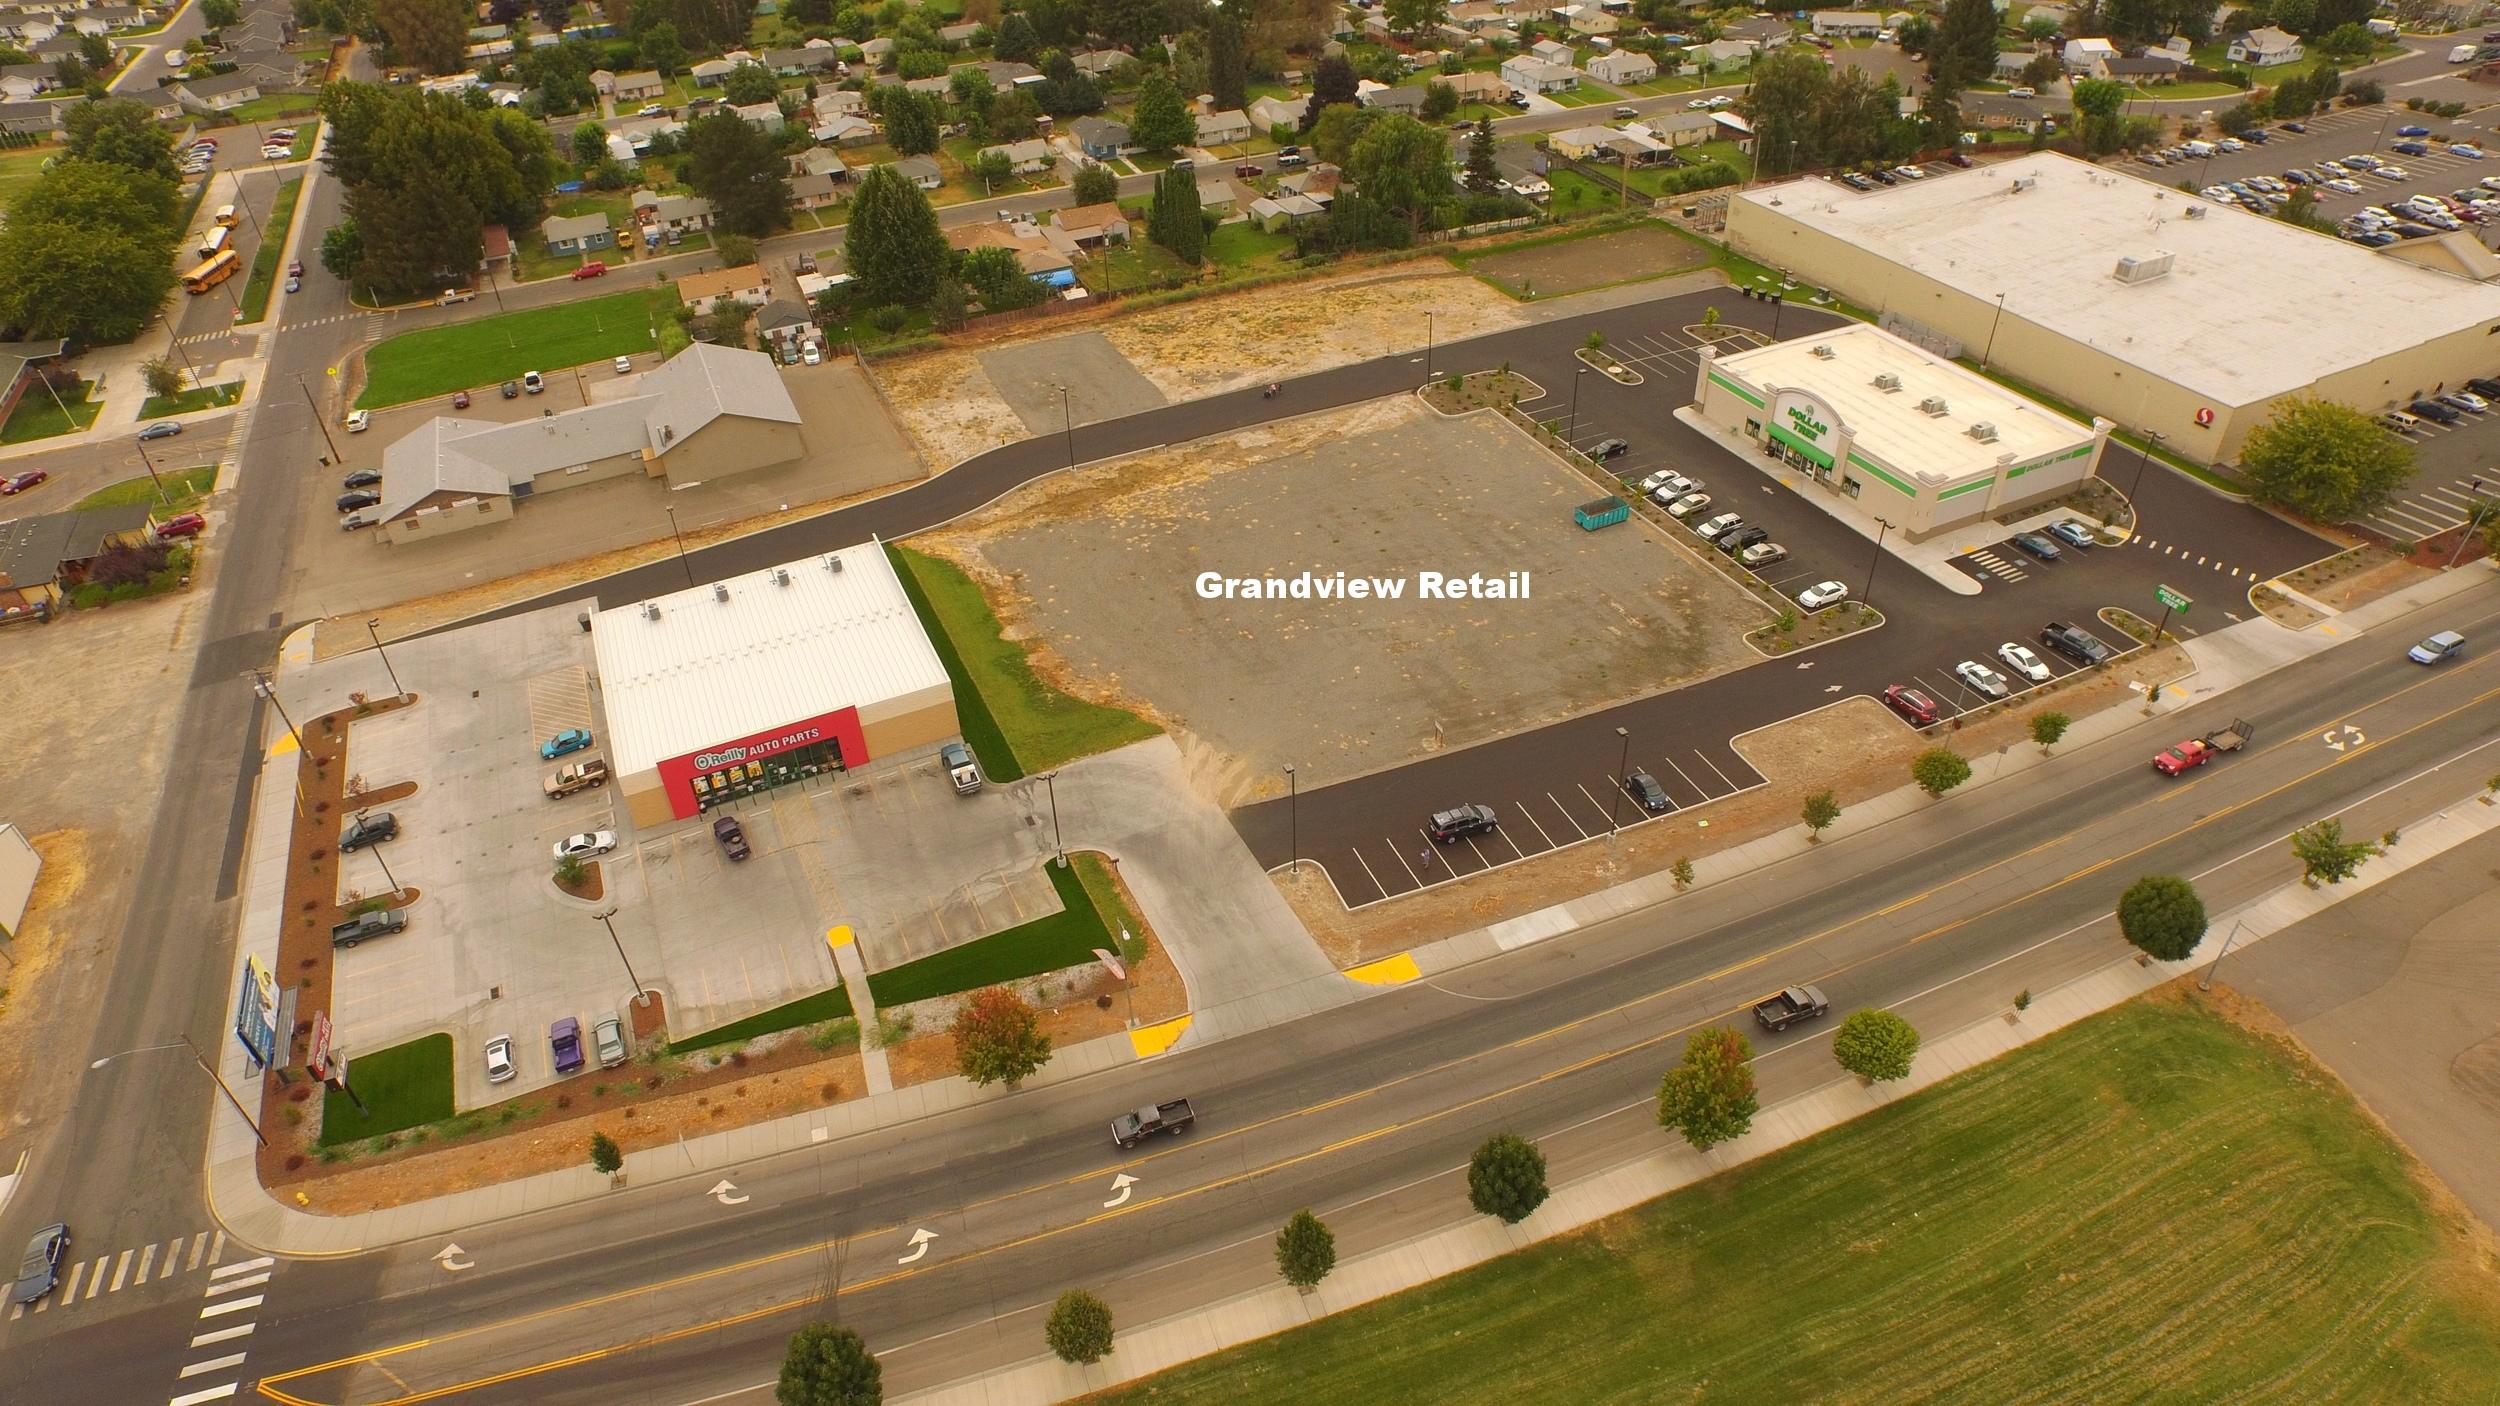 Grandview Retail